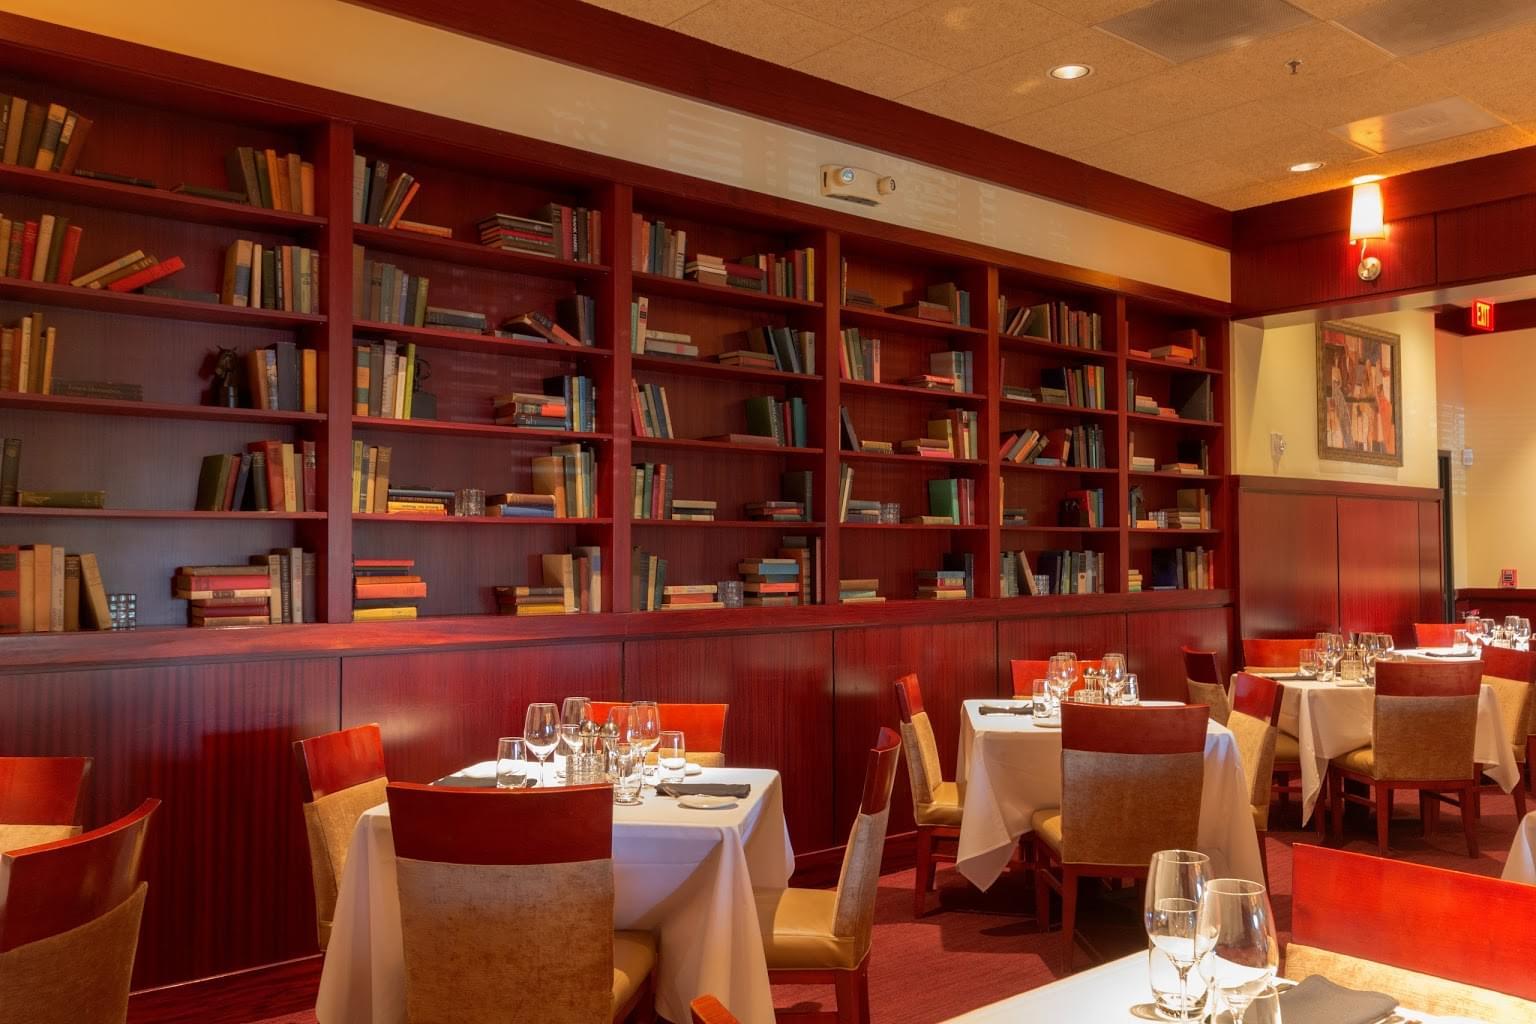 Sullivan's Steakhouse Leawood, KS Steak House Restaurant book shelf